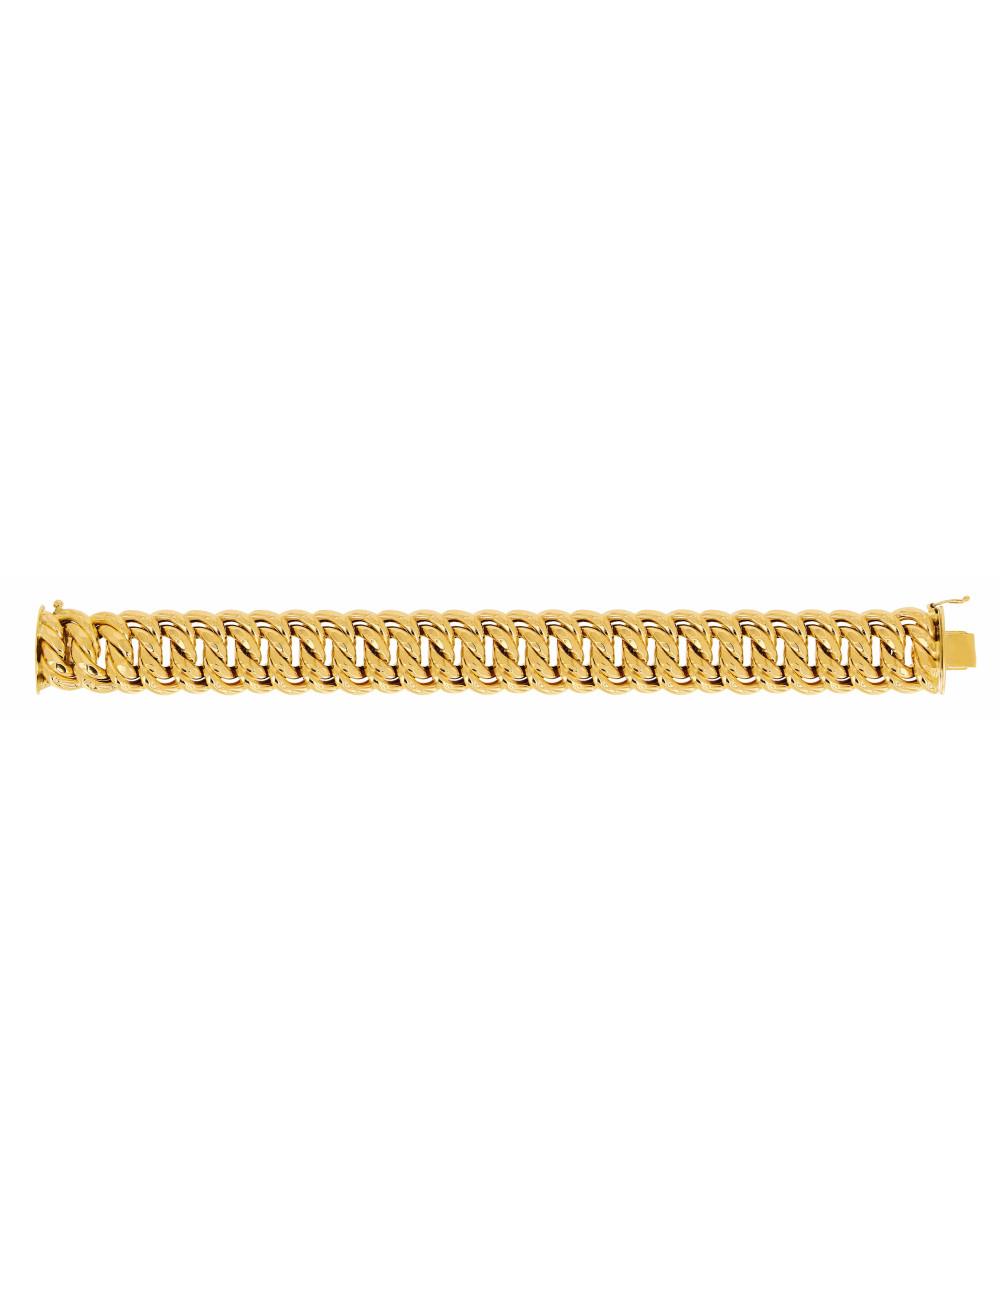 Bracelet Maille Américaine En Or 18 Carats